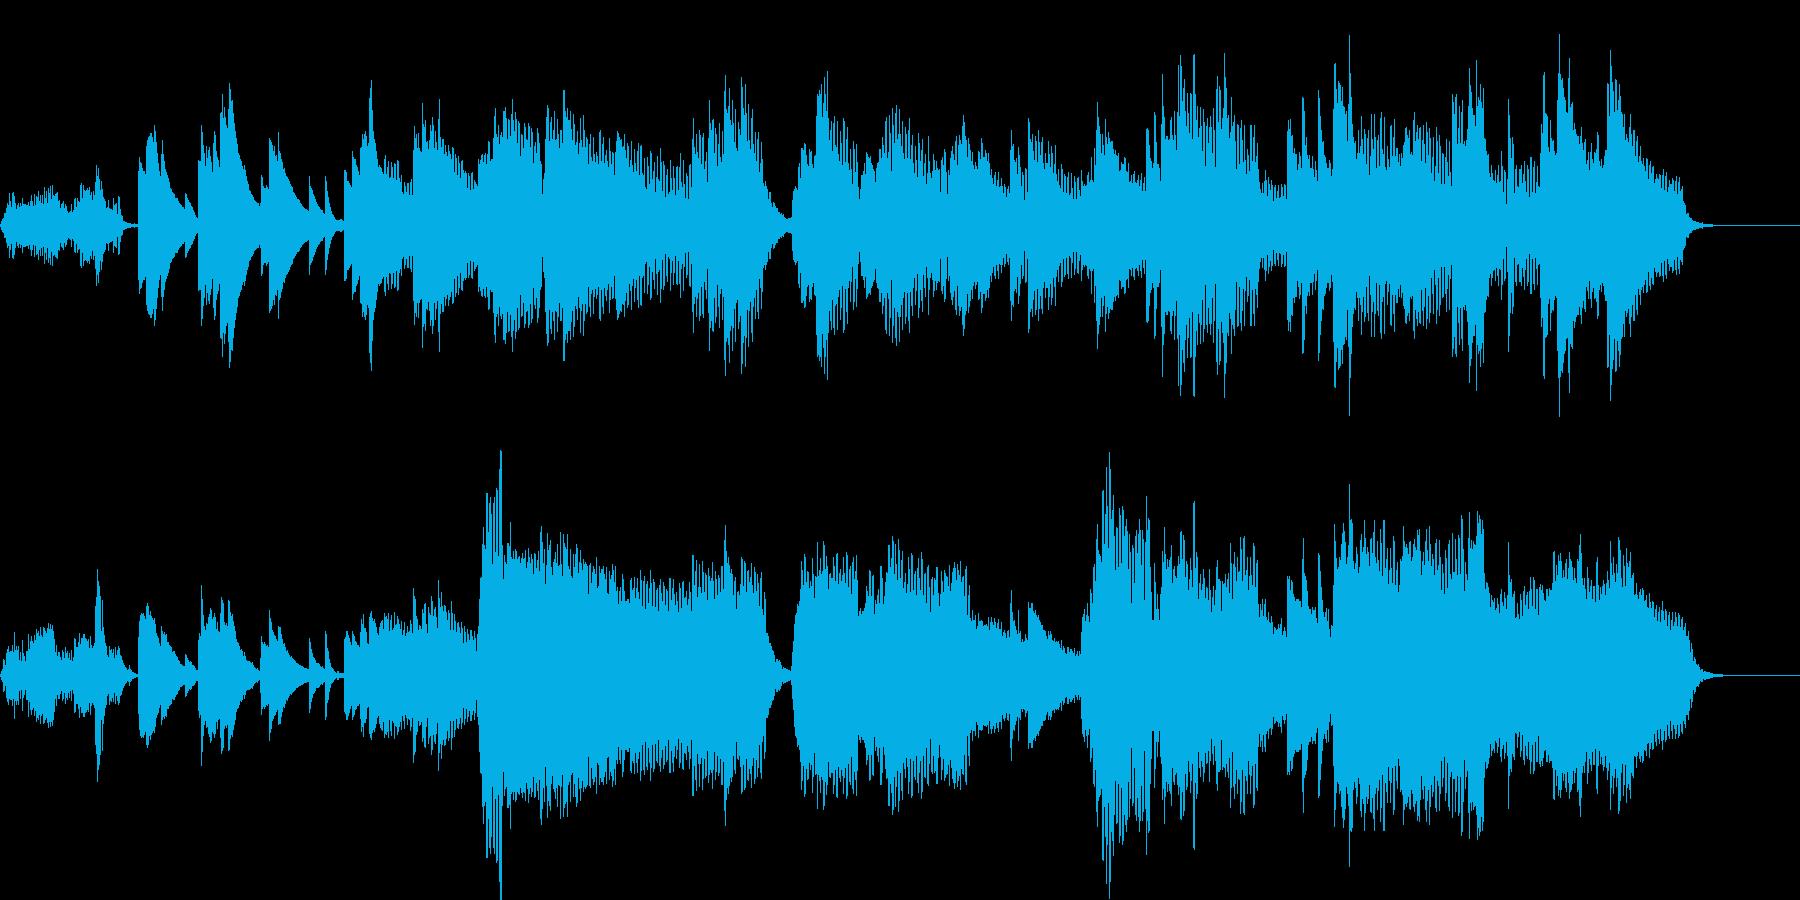 静かな始まりを予感させる曲です。の再生済みの波形